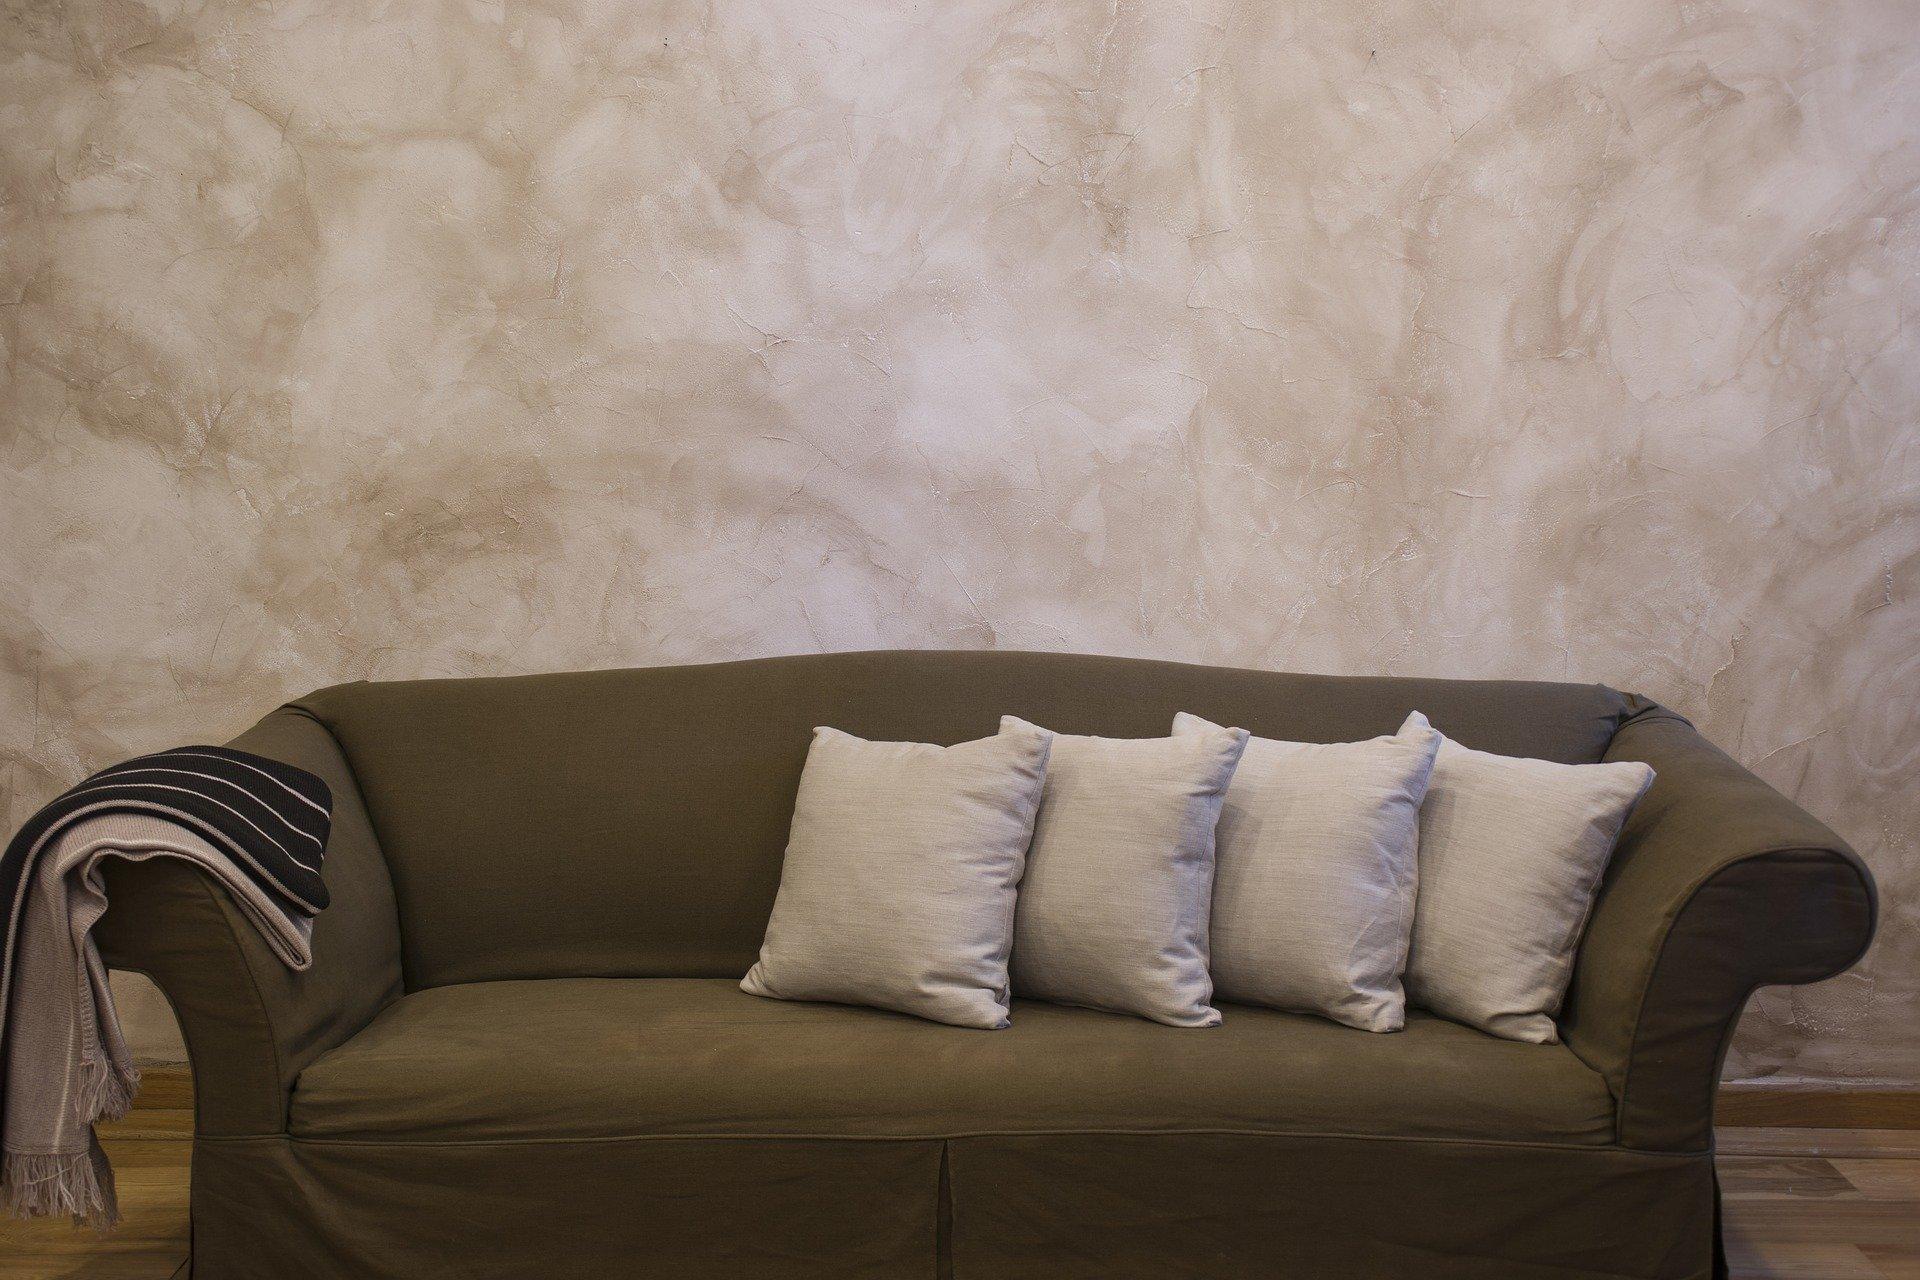 Foto de um sofá marrom com almofadas e uma parede bege ao fundo. Imagem ilustrativa para texto benefícios da higienização de estofados.